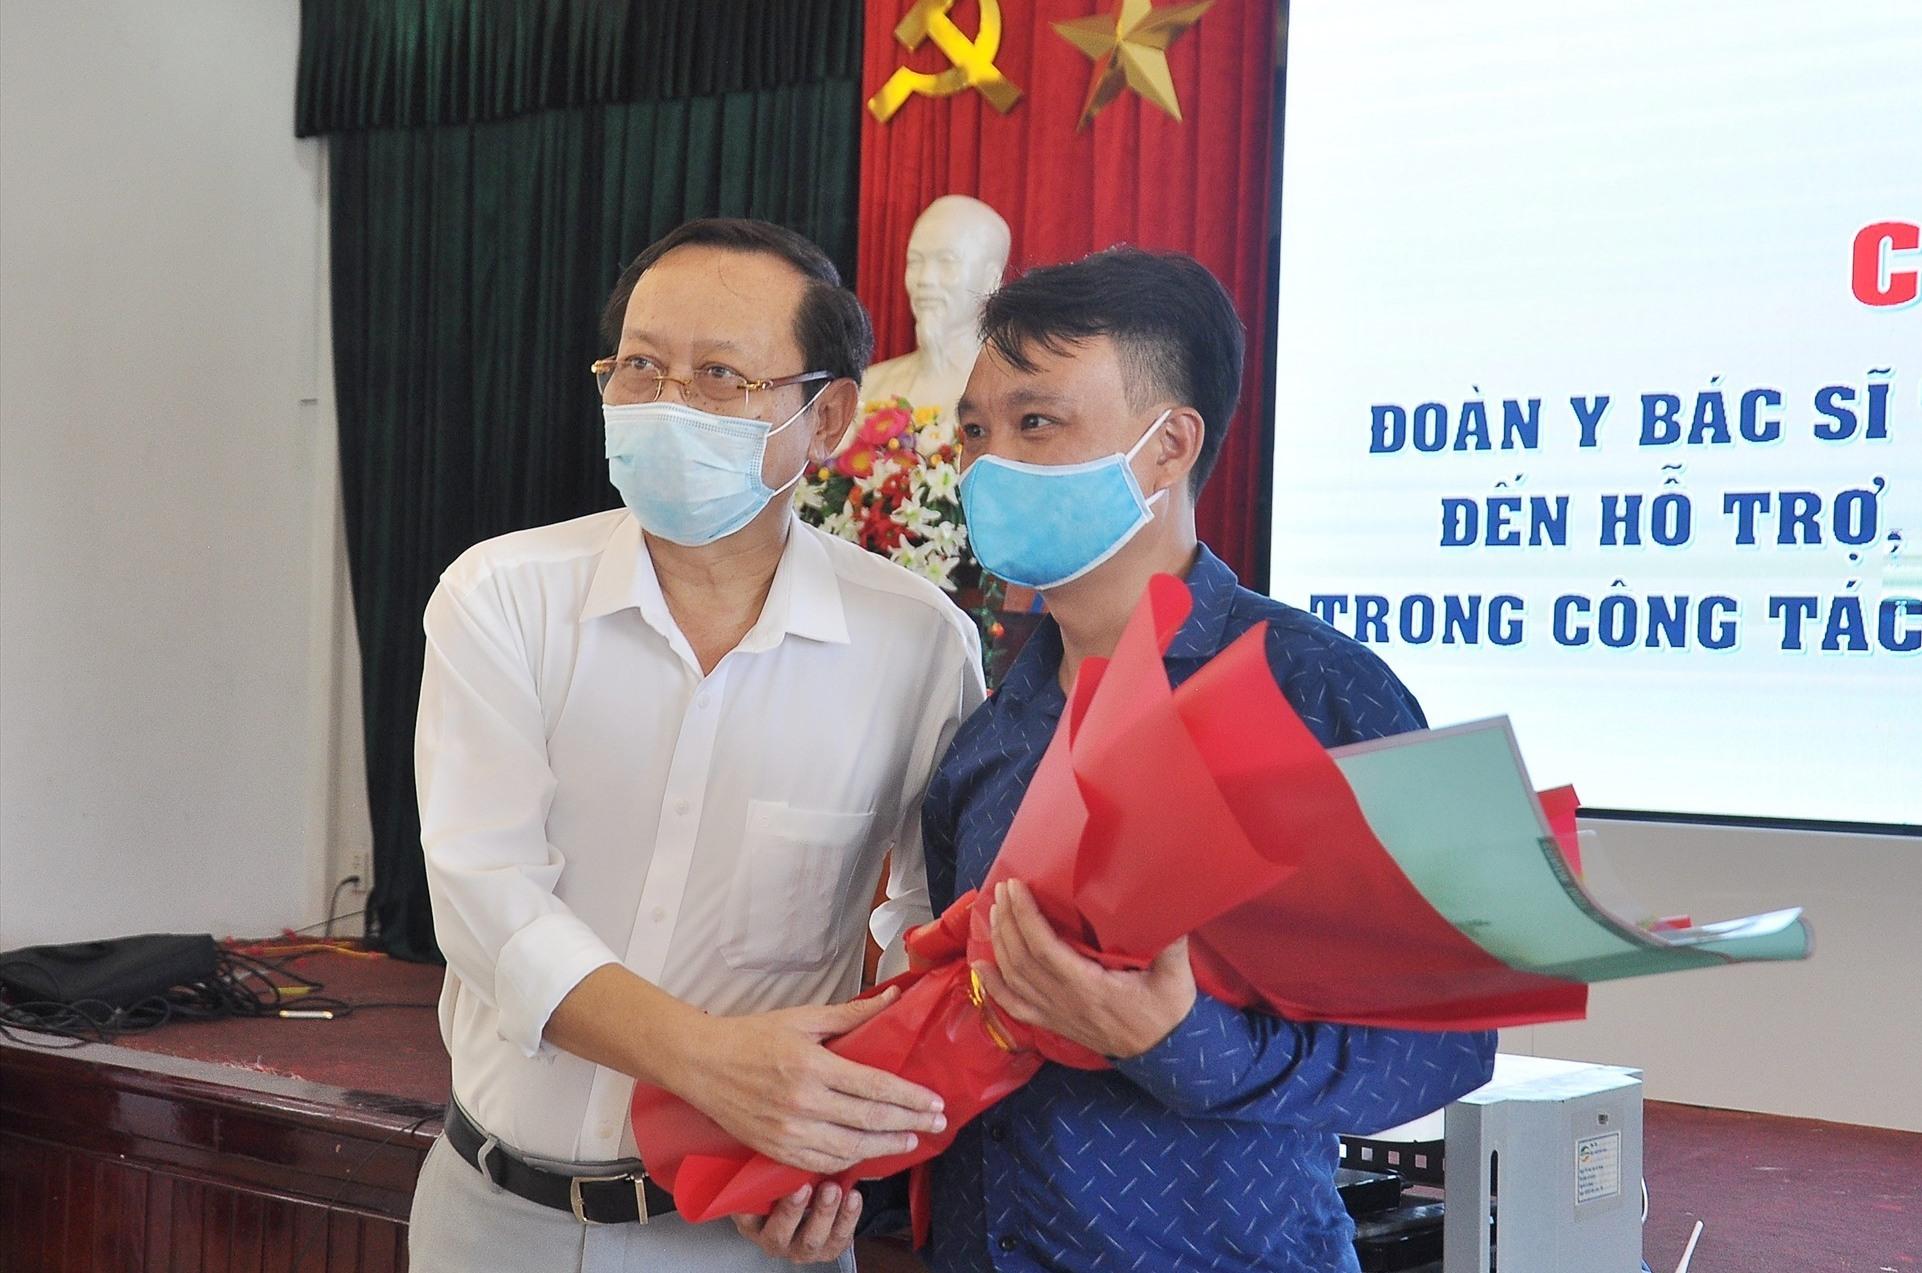 Ông Nguyễn Văn Hai - Giám đốc Sở Y tế tỉnh Quảng Nam tặng hoa chào mừng đoàn cán bộ y tế của tỉnh Phú Thọ. Ảnh: VINH ANH